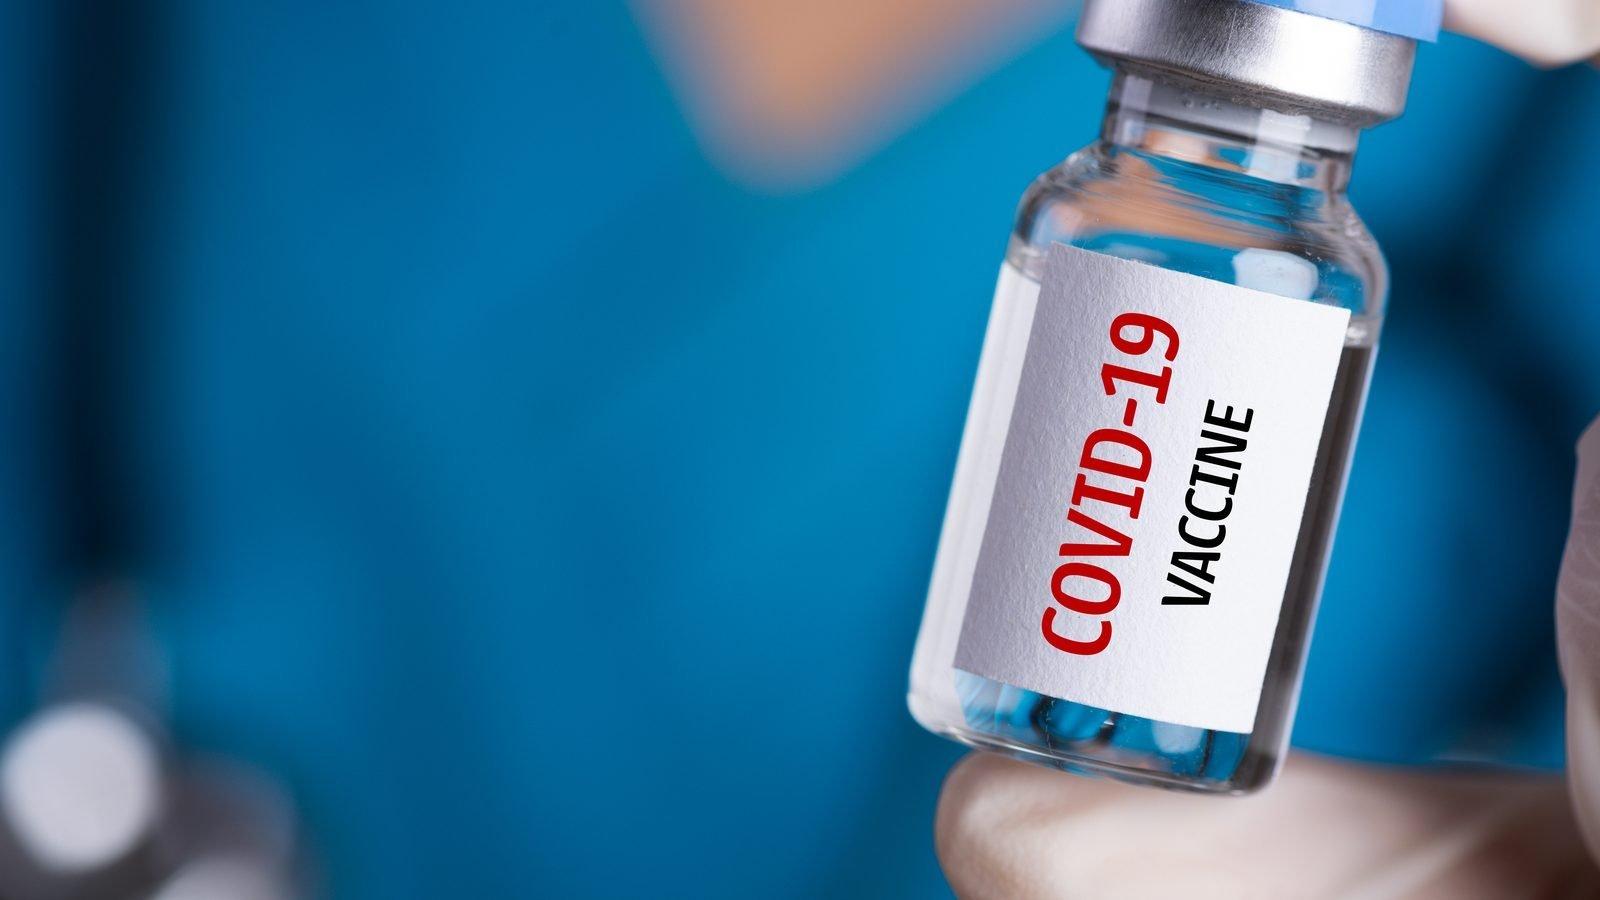 Олон ажилтантай байгууллага, их дээд сургуулиудаас судалгаа авсны дагуу вакцины явуулын баг ажиллуулна